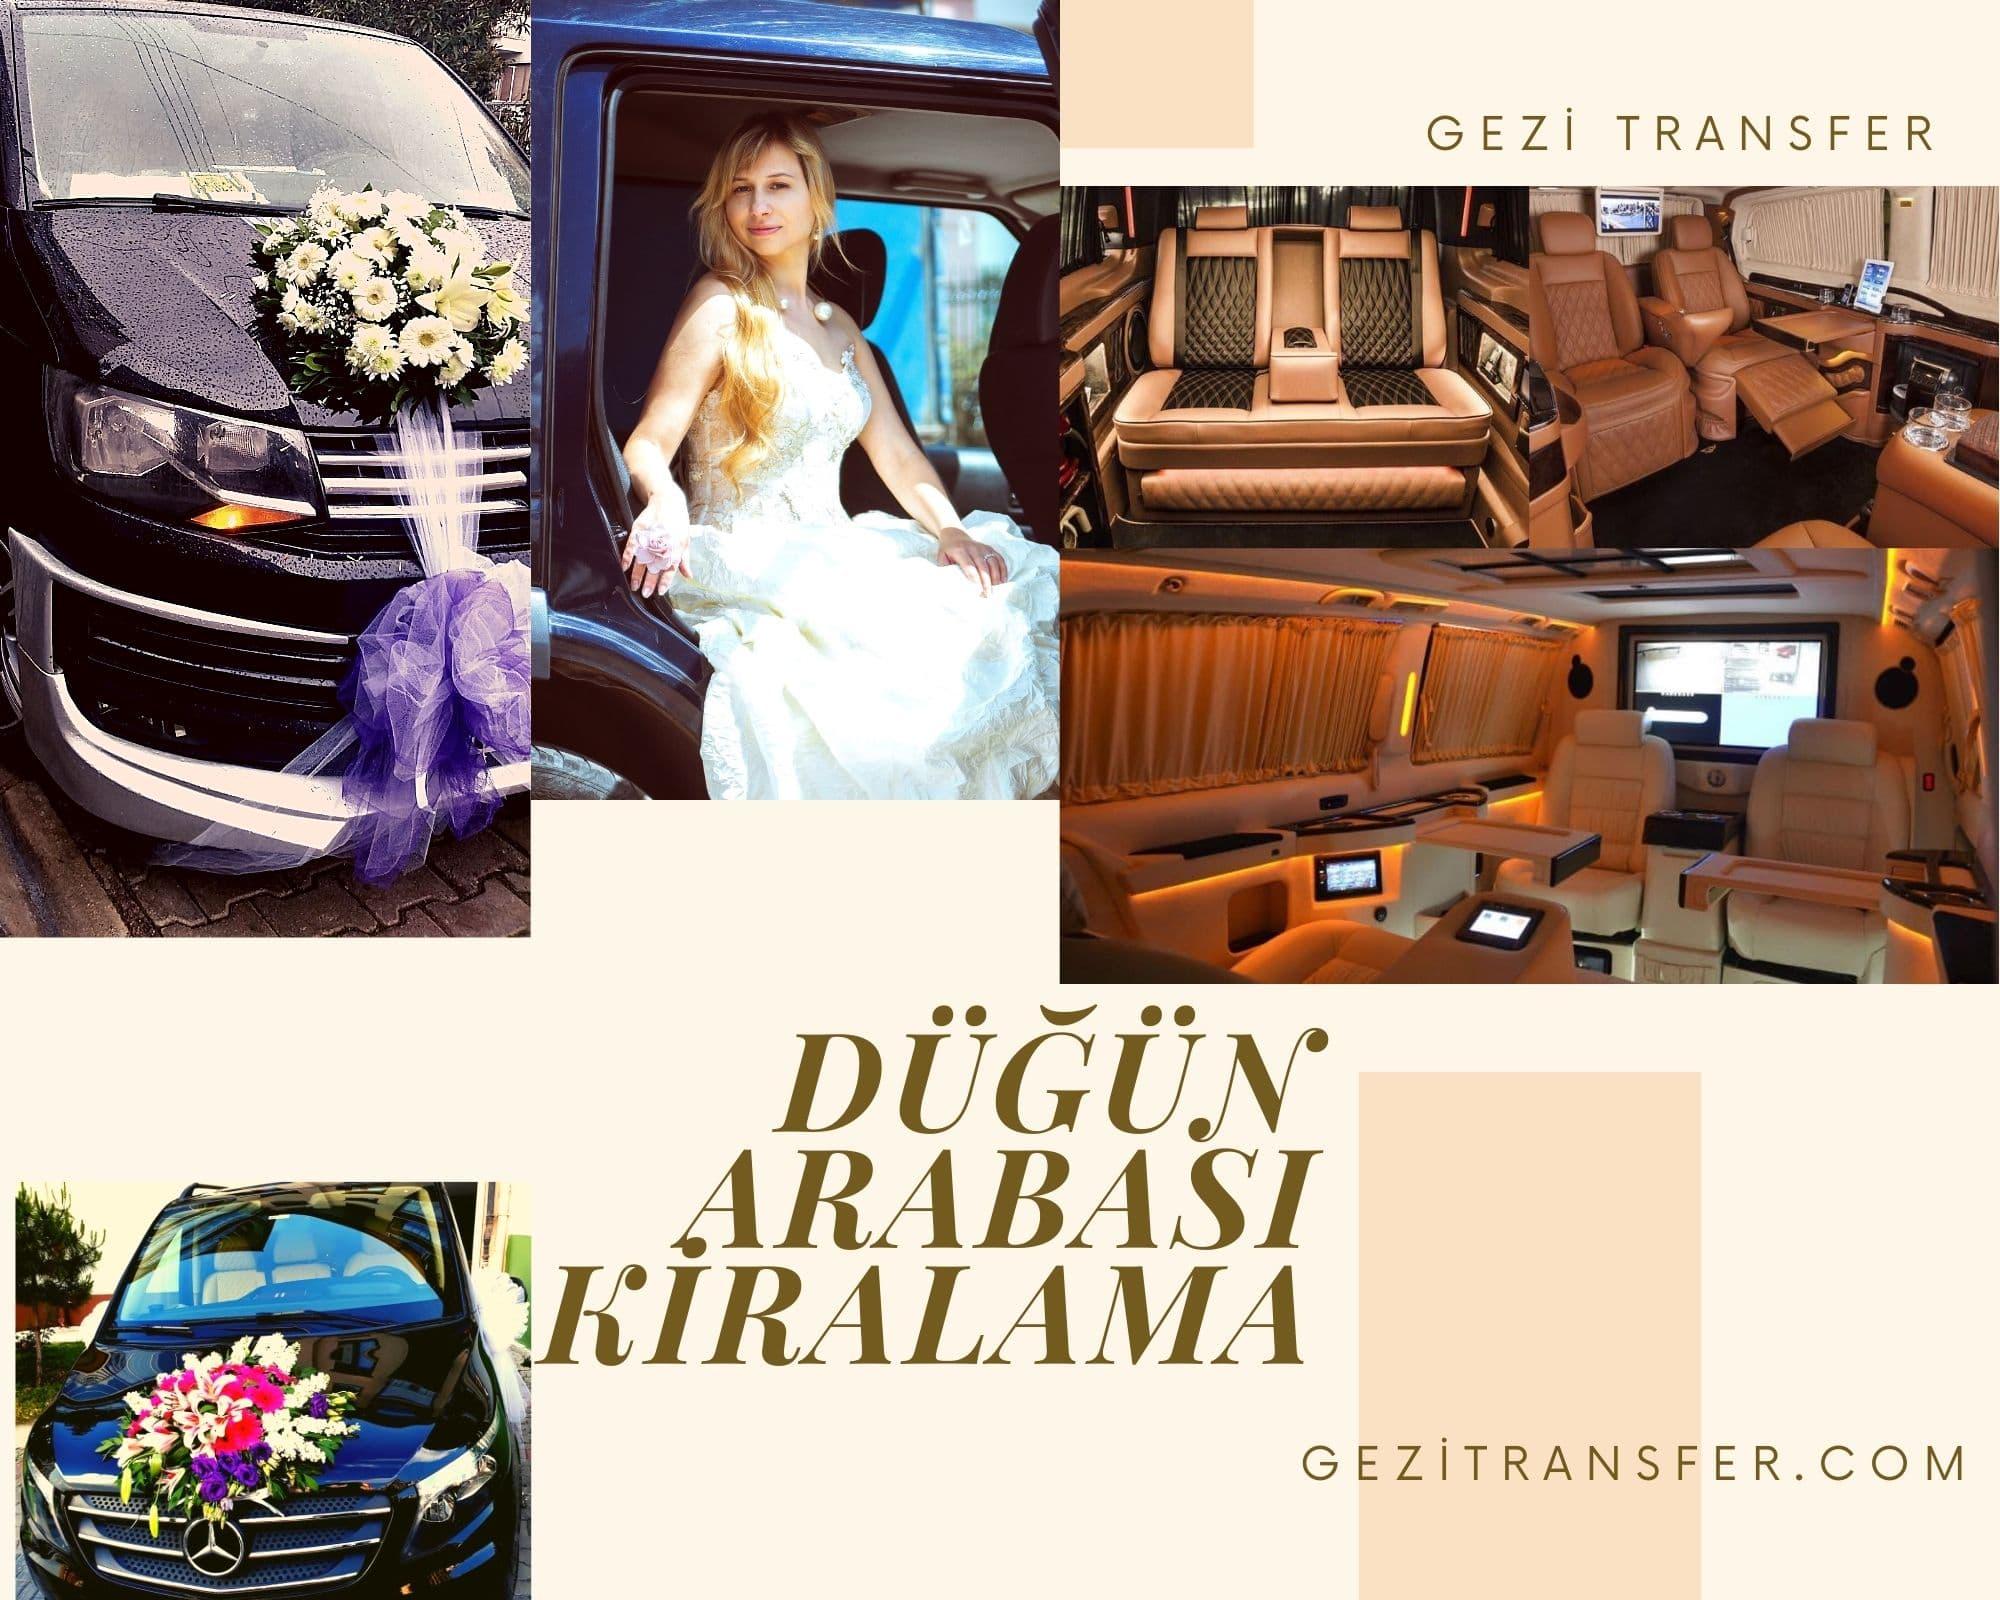 Düğün Arabası Kiralama Şöförlü Gelin Arabası Kiralama  VIP Düğün Arabası  VIP Gelin Arabası Kiralama Fiyatları